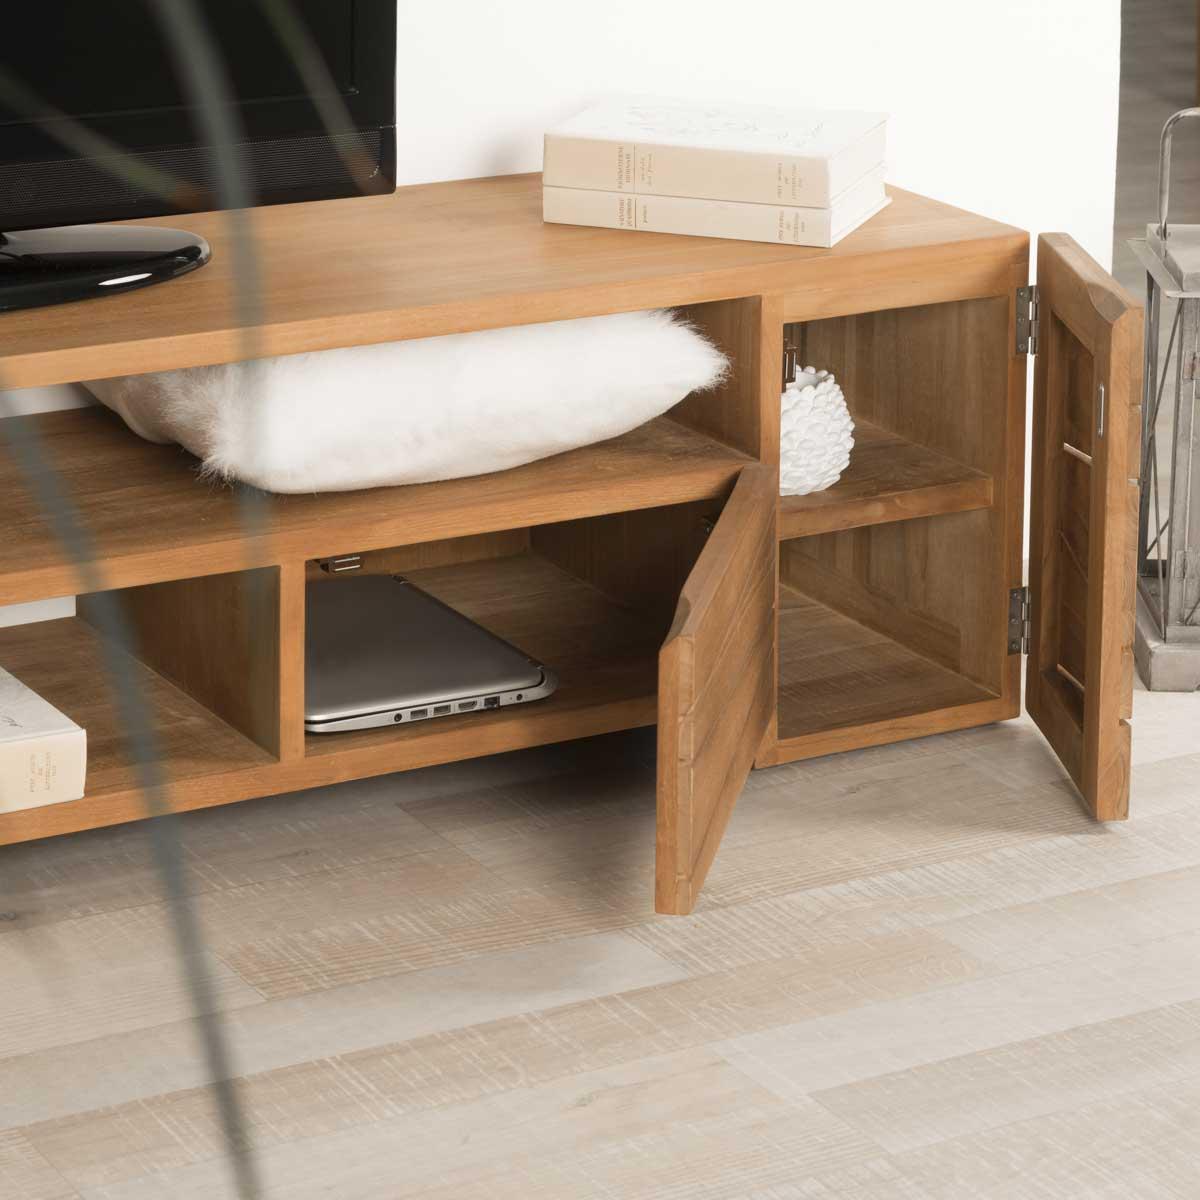 meuble tv de salon en bois de teck massif s r nit. Black Bedroom Furniture Sets. Home Design Ideas